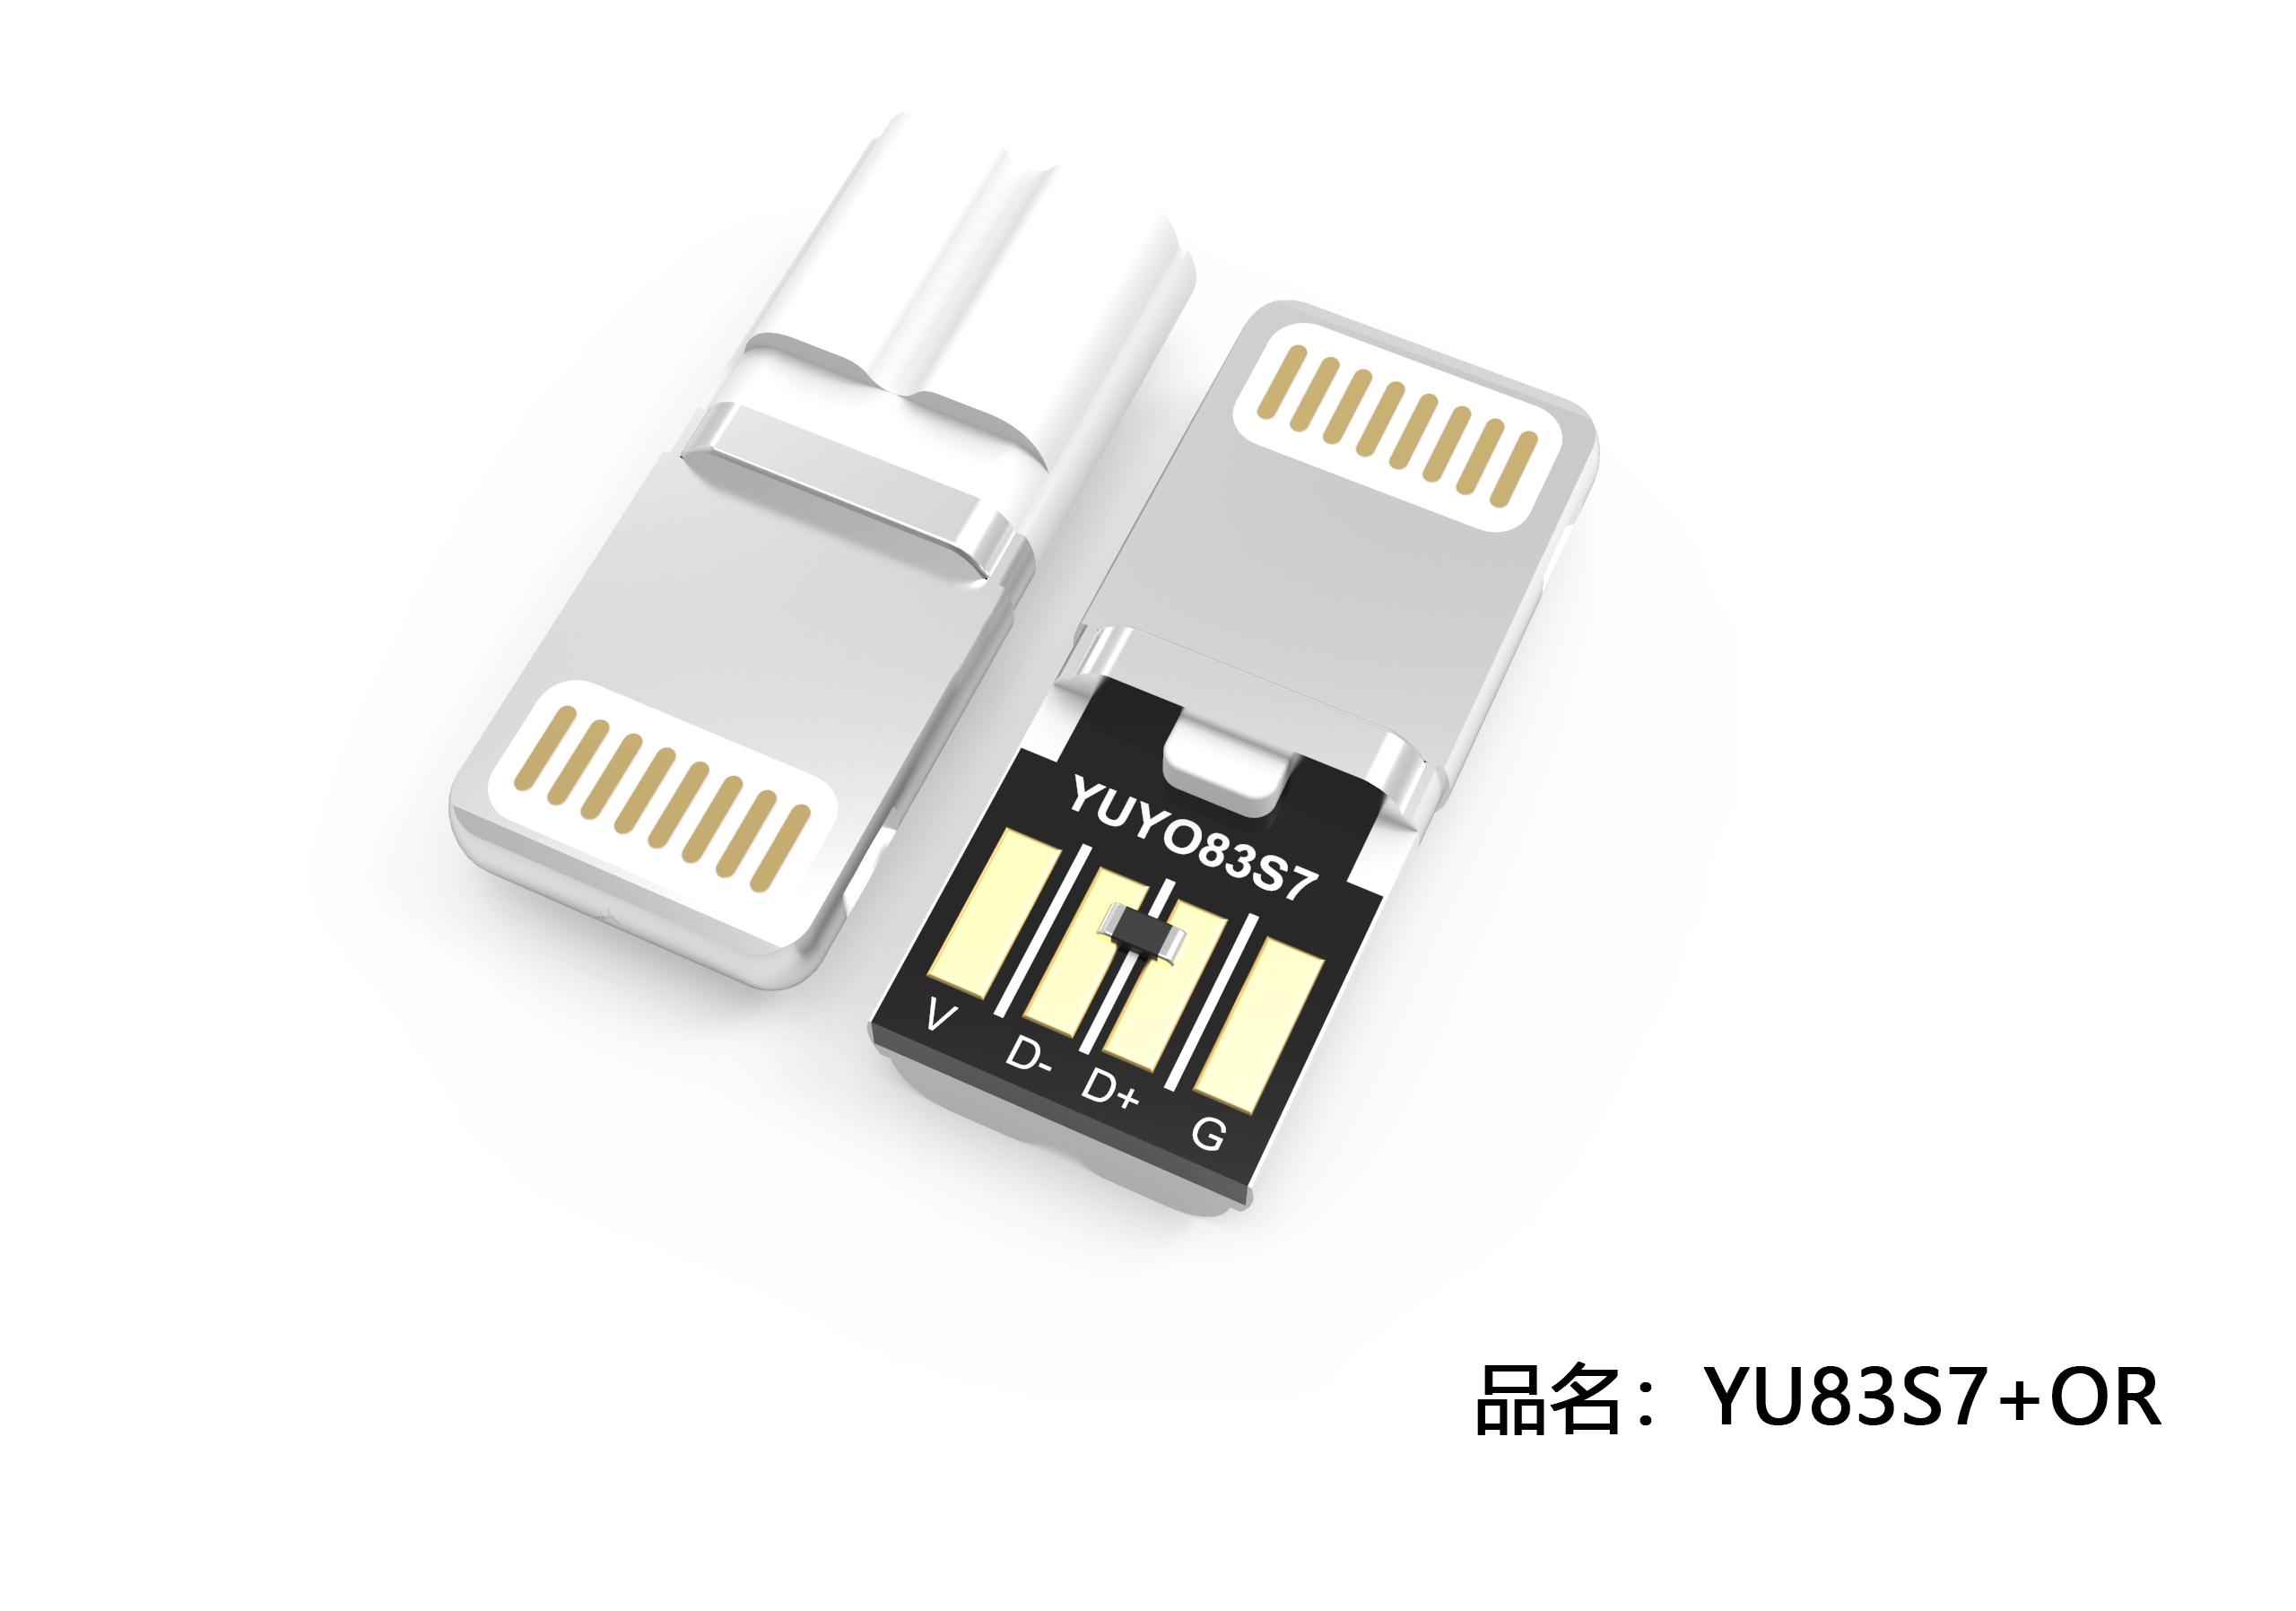 YUYO83S7+OR.3